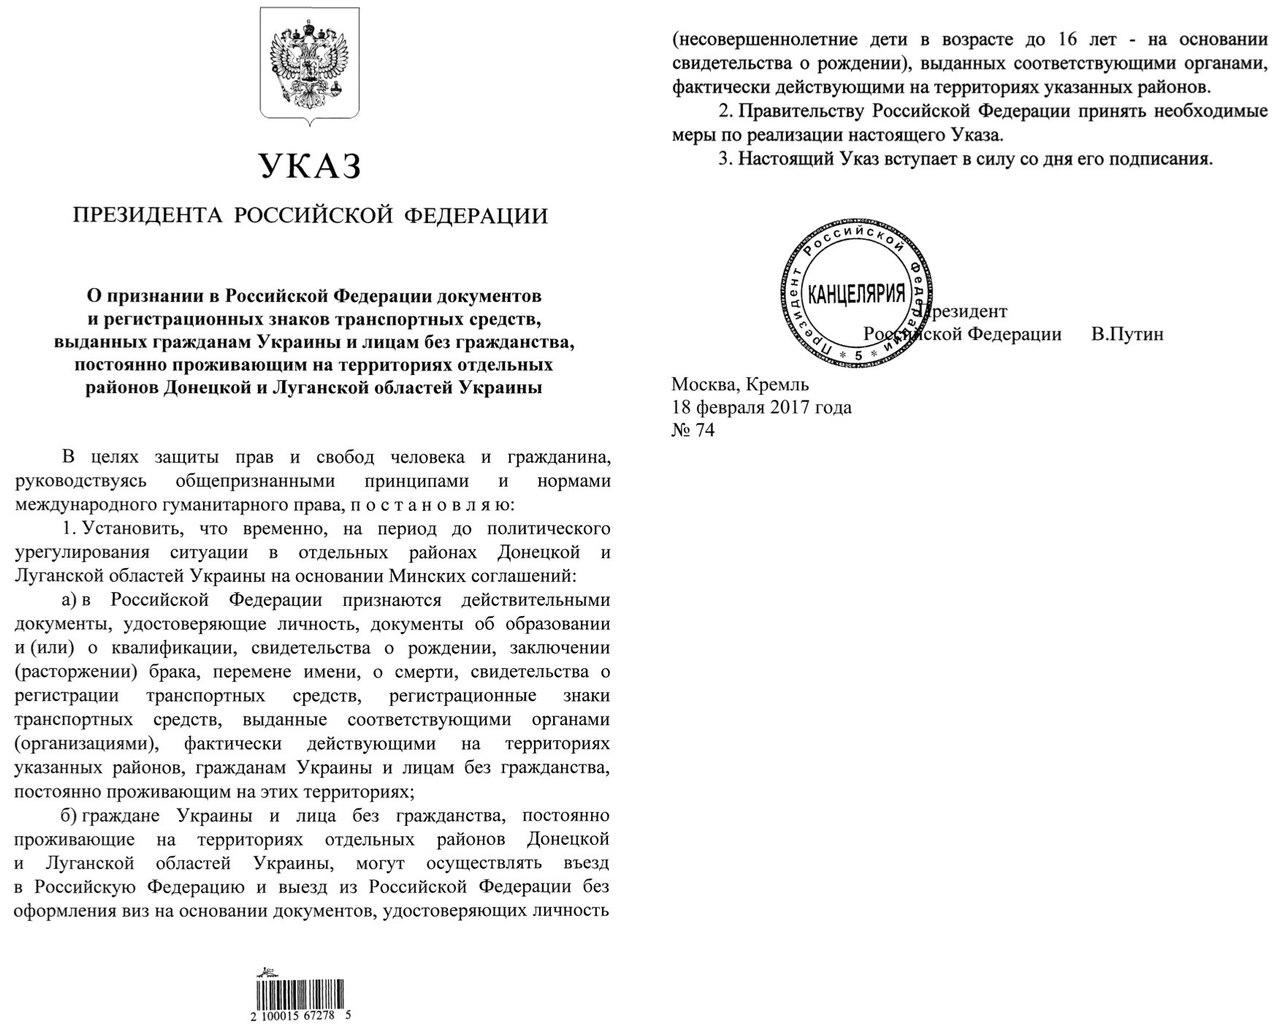 Трудовой договор для фмс в москве Донской 3-й проезд трудовой договор для фмс в москве Садовая-Триумфальная улица